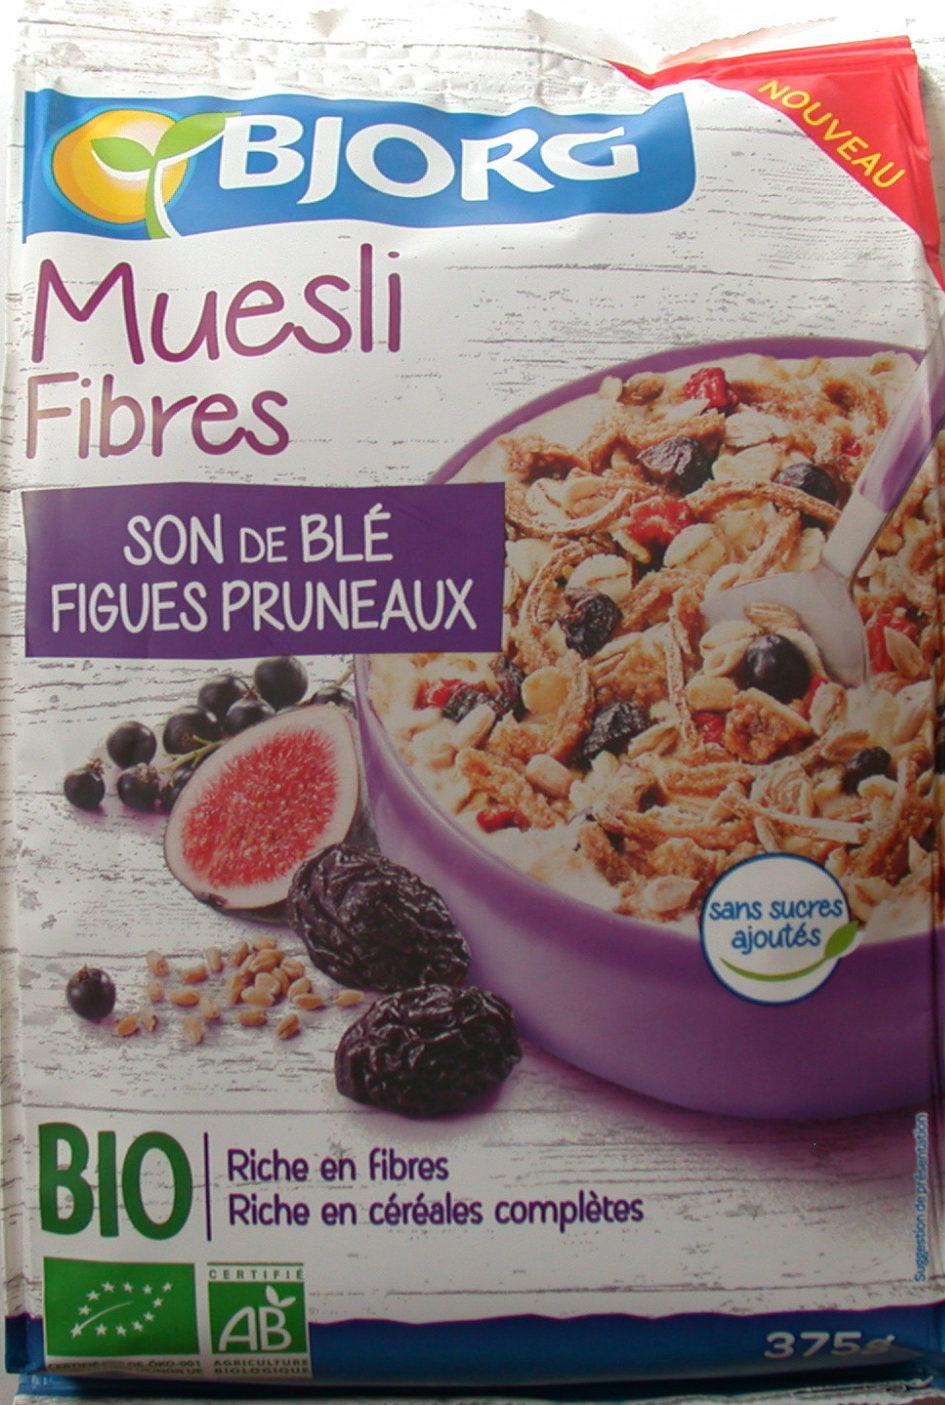 Muesli Fibres SON de BLE FIGUES PRUNEAUX - Product - fr